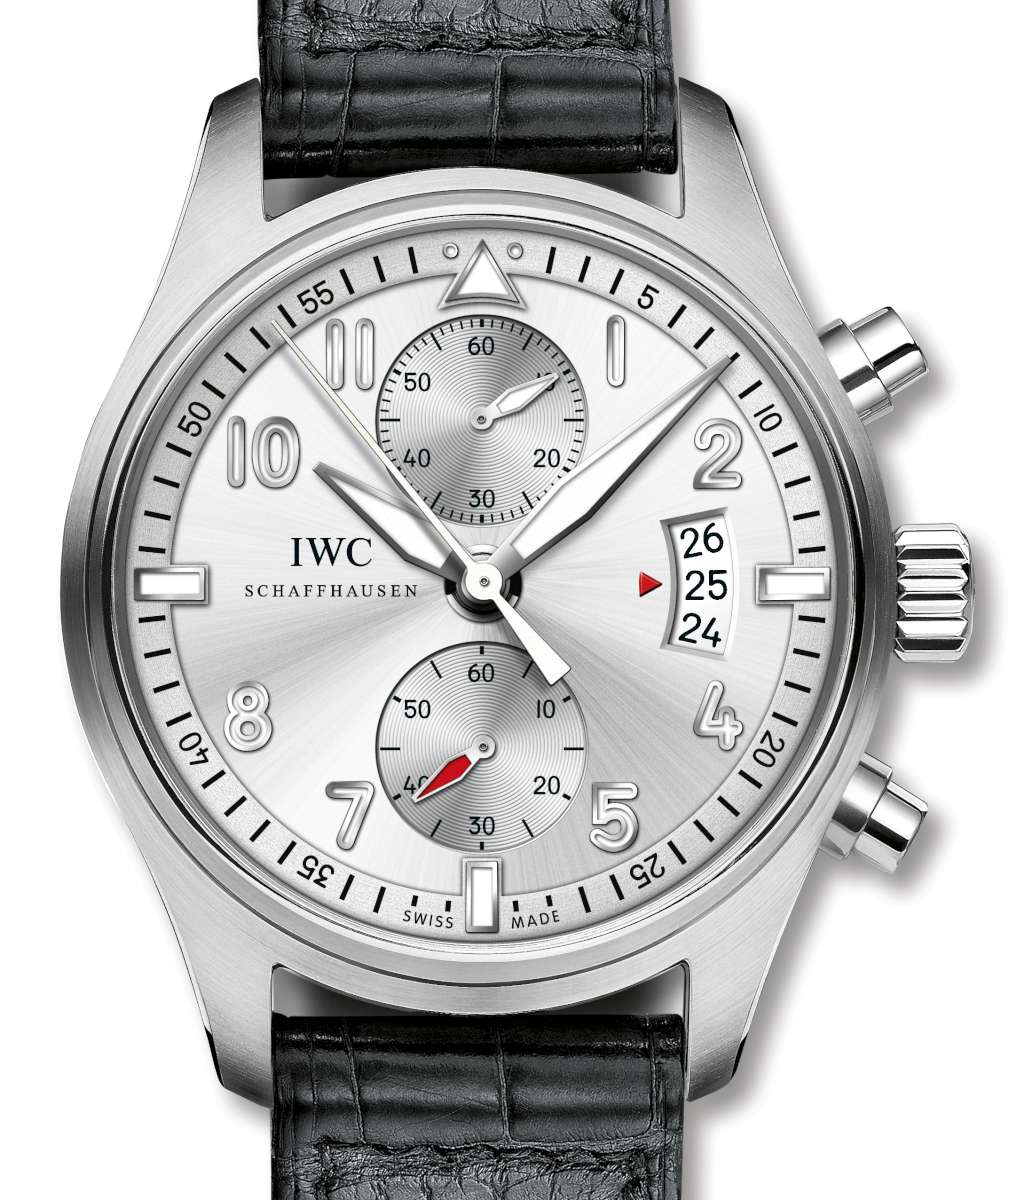 IWC Schaffhausen Pilot's Watch Chronograph Edition JU-Air